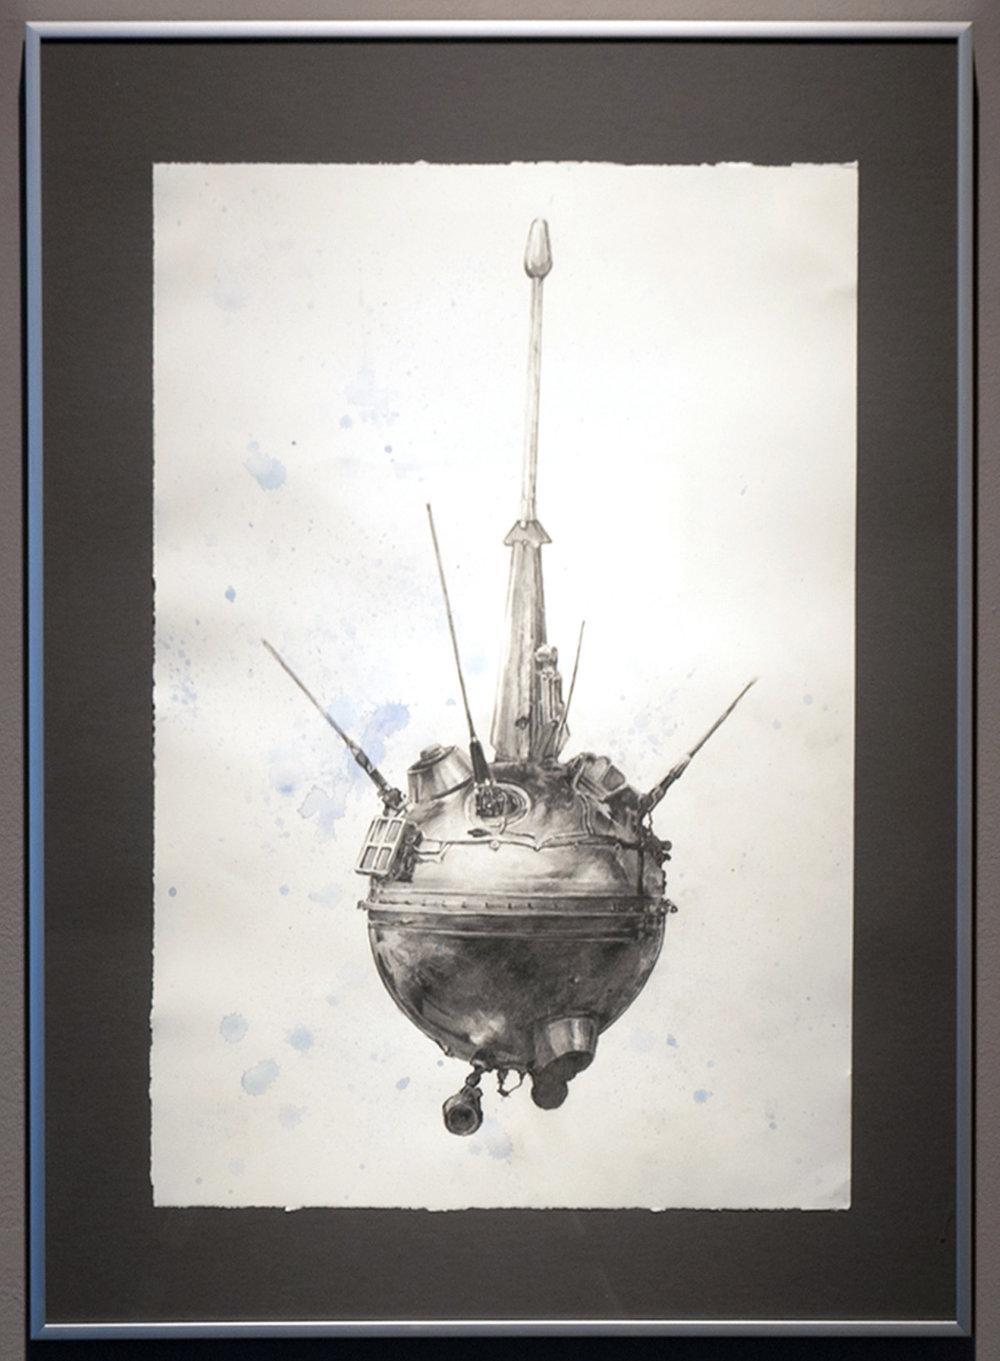 Luna 1 (Probe) graphite and watercolor on paper 28 x 20 inches JKO 076G